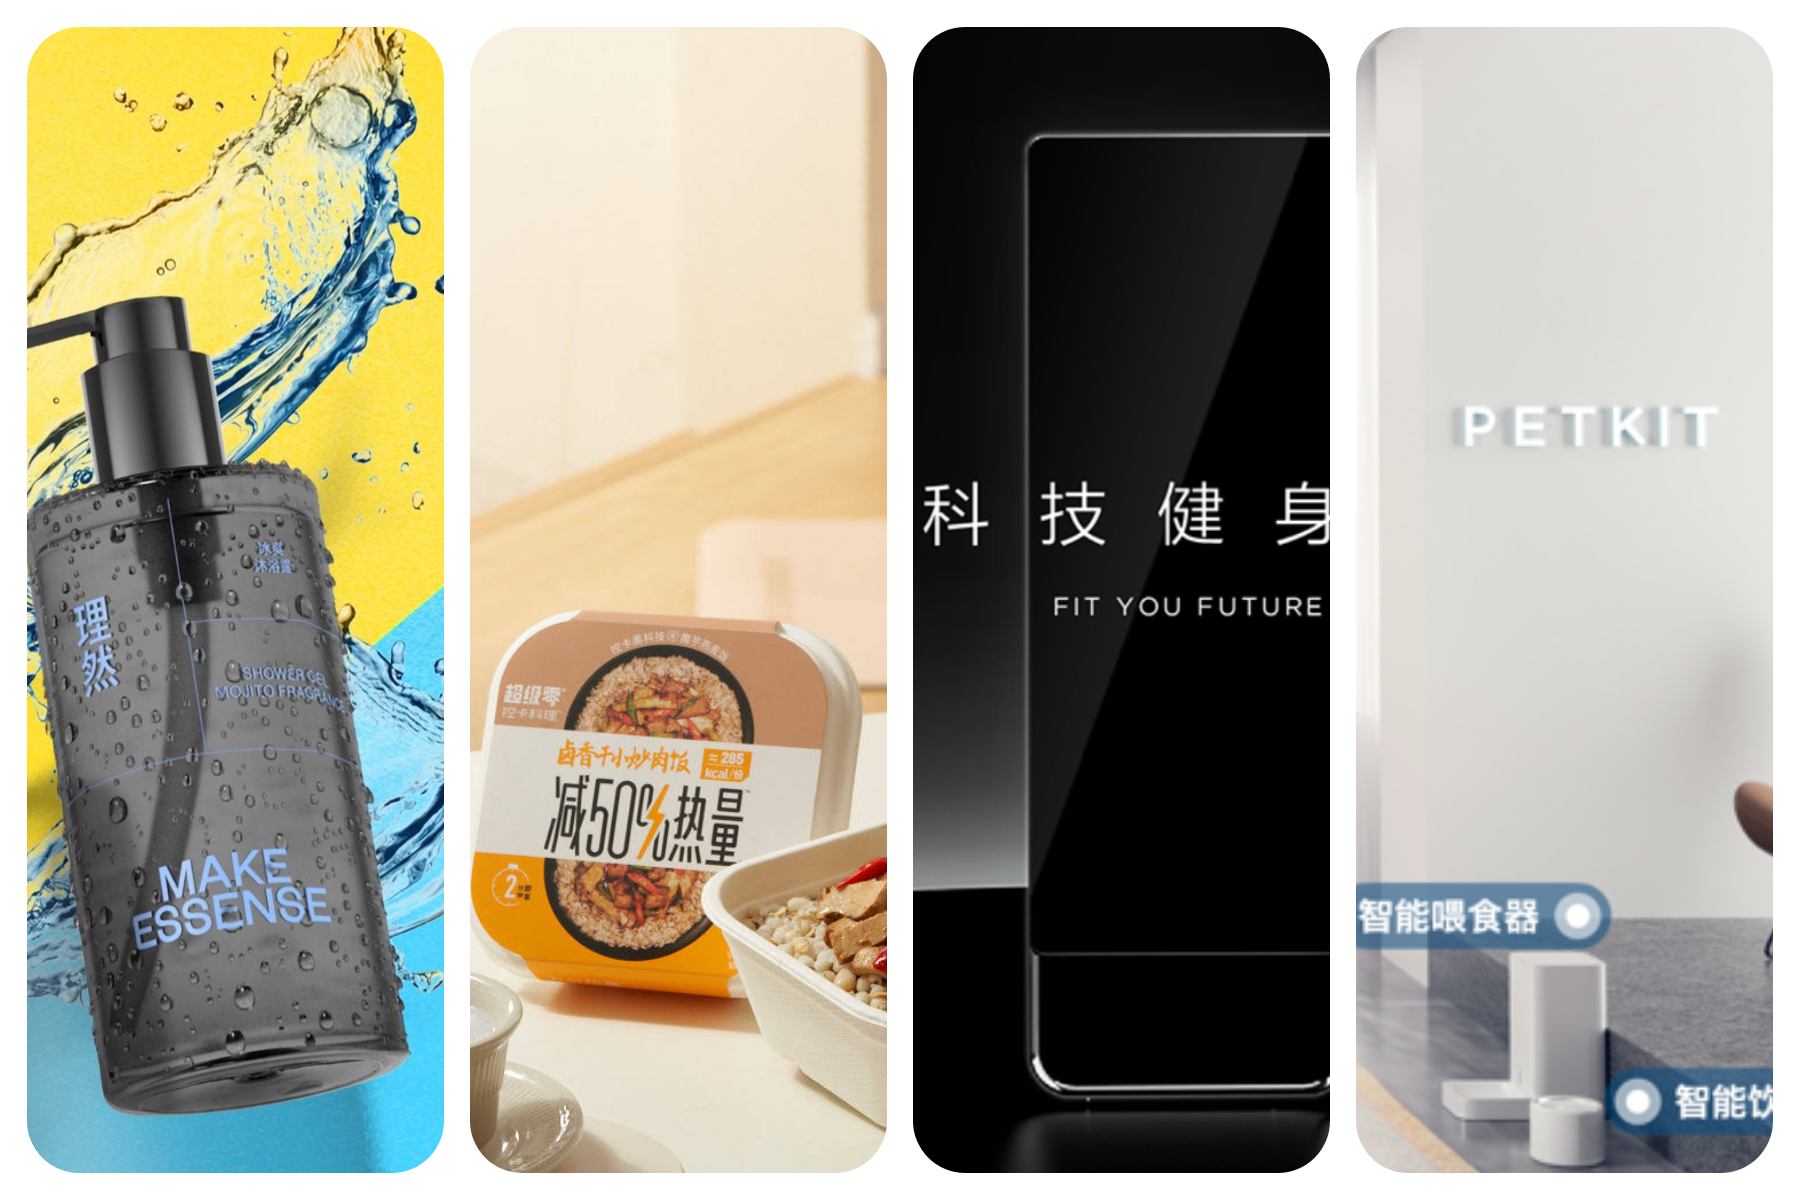 【华丽中国投资周报】2020/09/18~2020/09/25